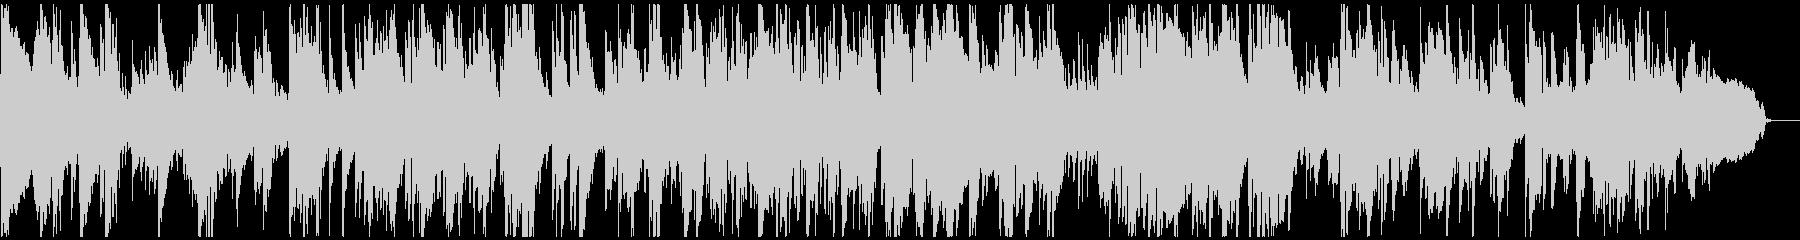 ムーディーなサックス生演奏ジャズバラードの未再生の波形